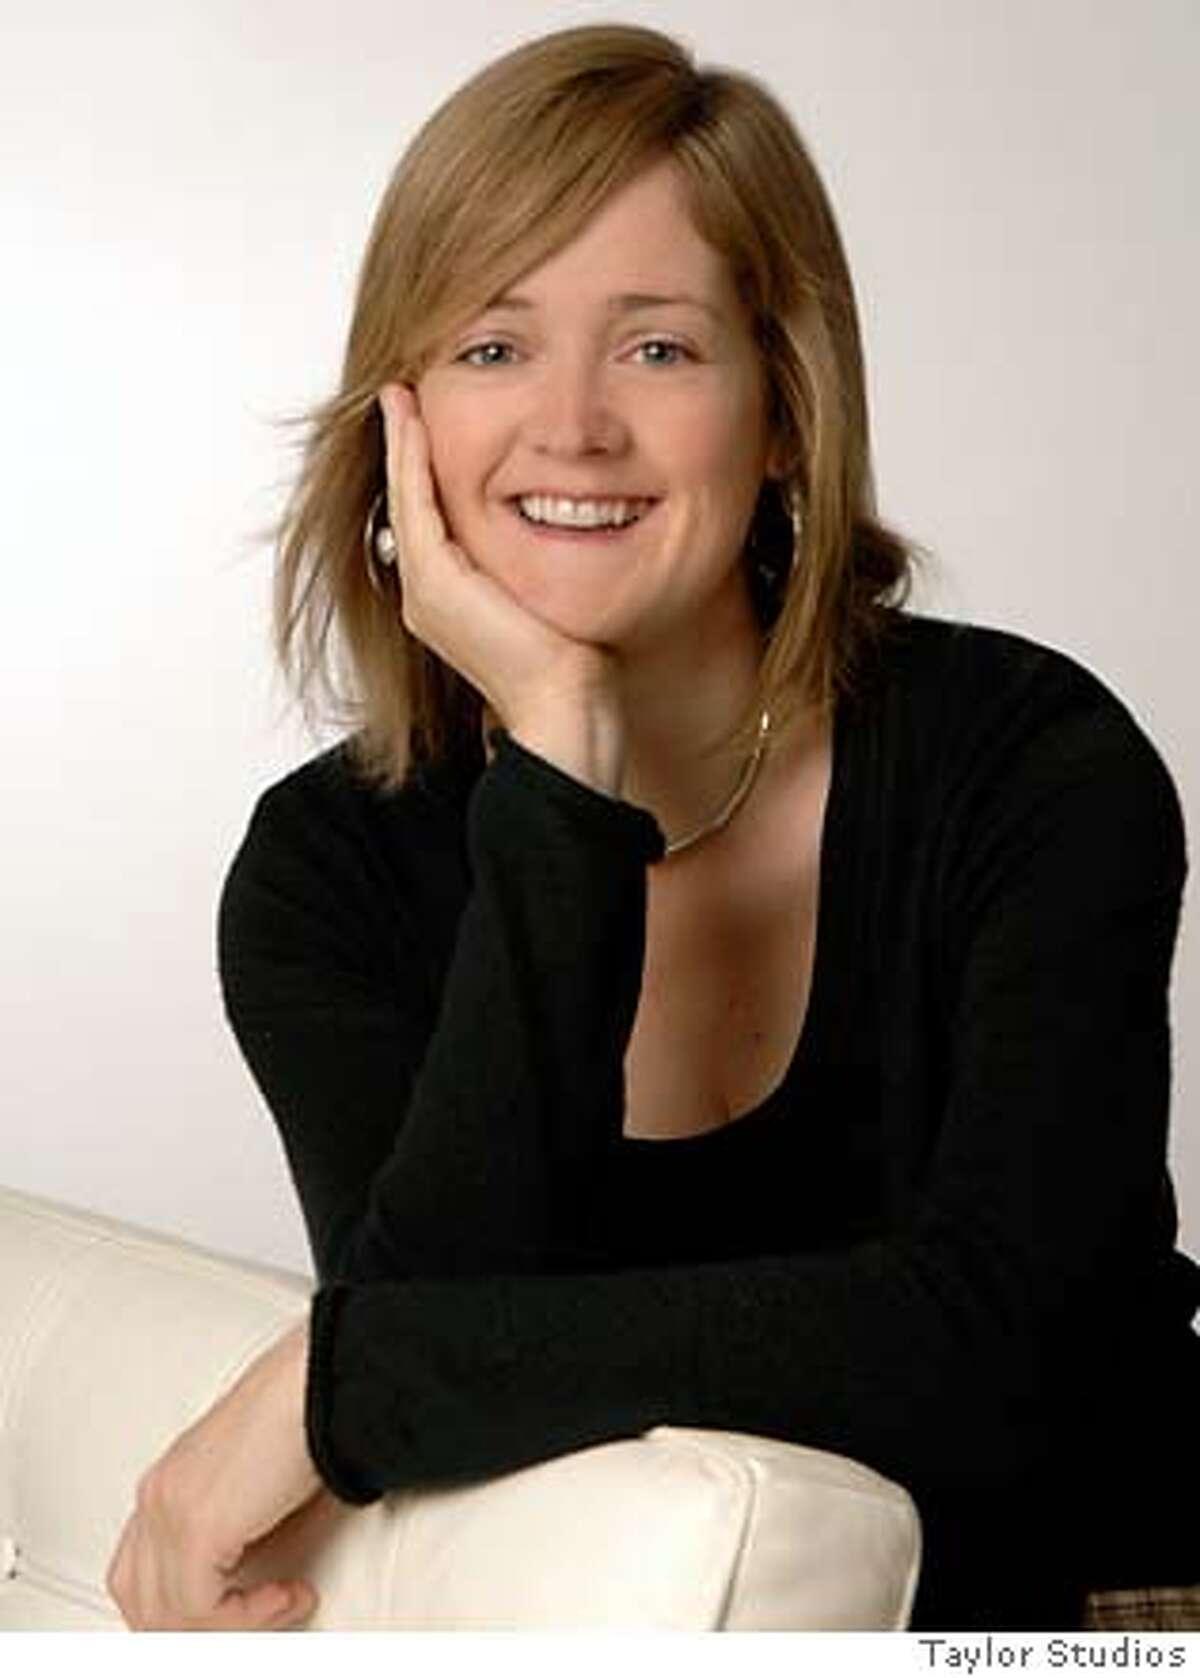 Samantha King, author of